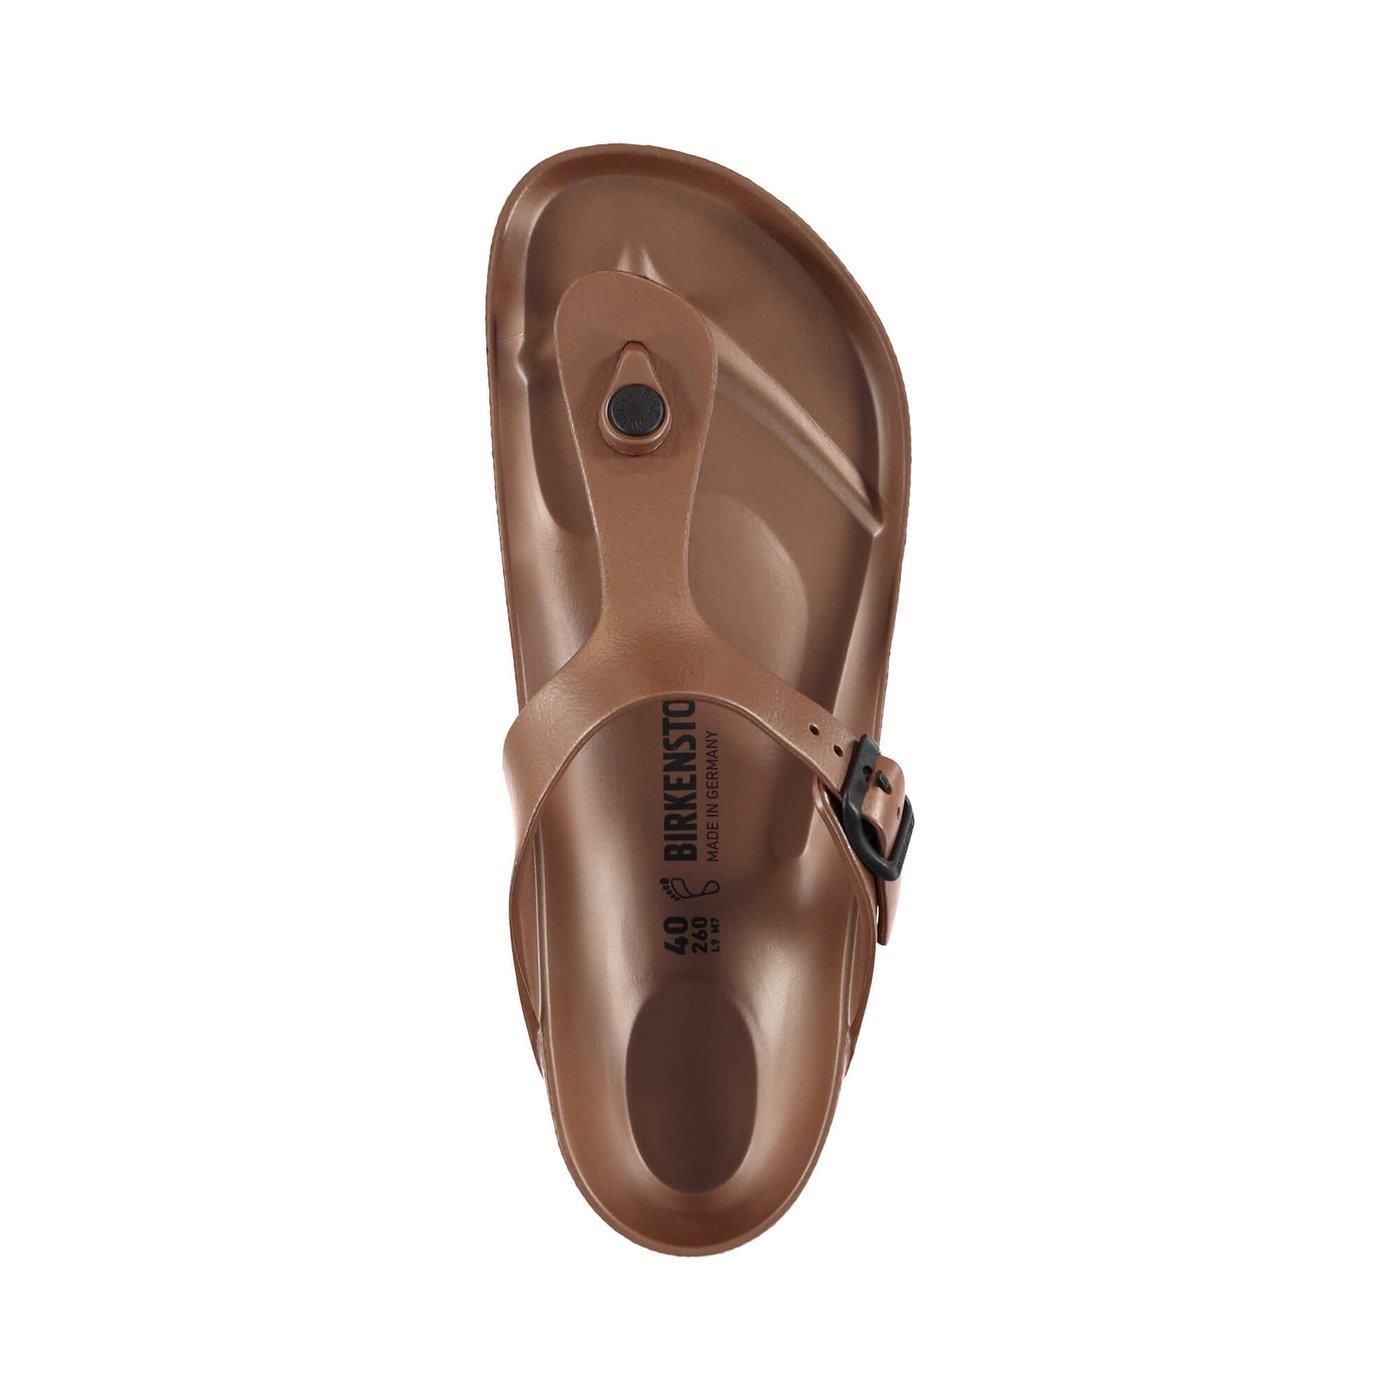 Birkenstock Gizeh Eva Metallic Copper Kadın Terlik Brk1001506